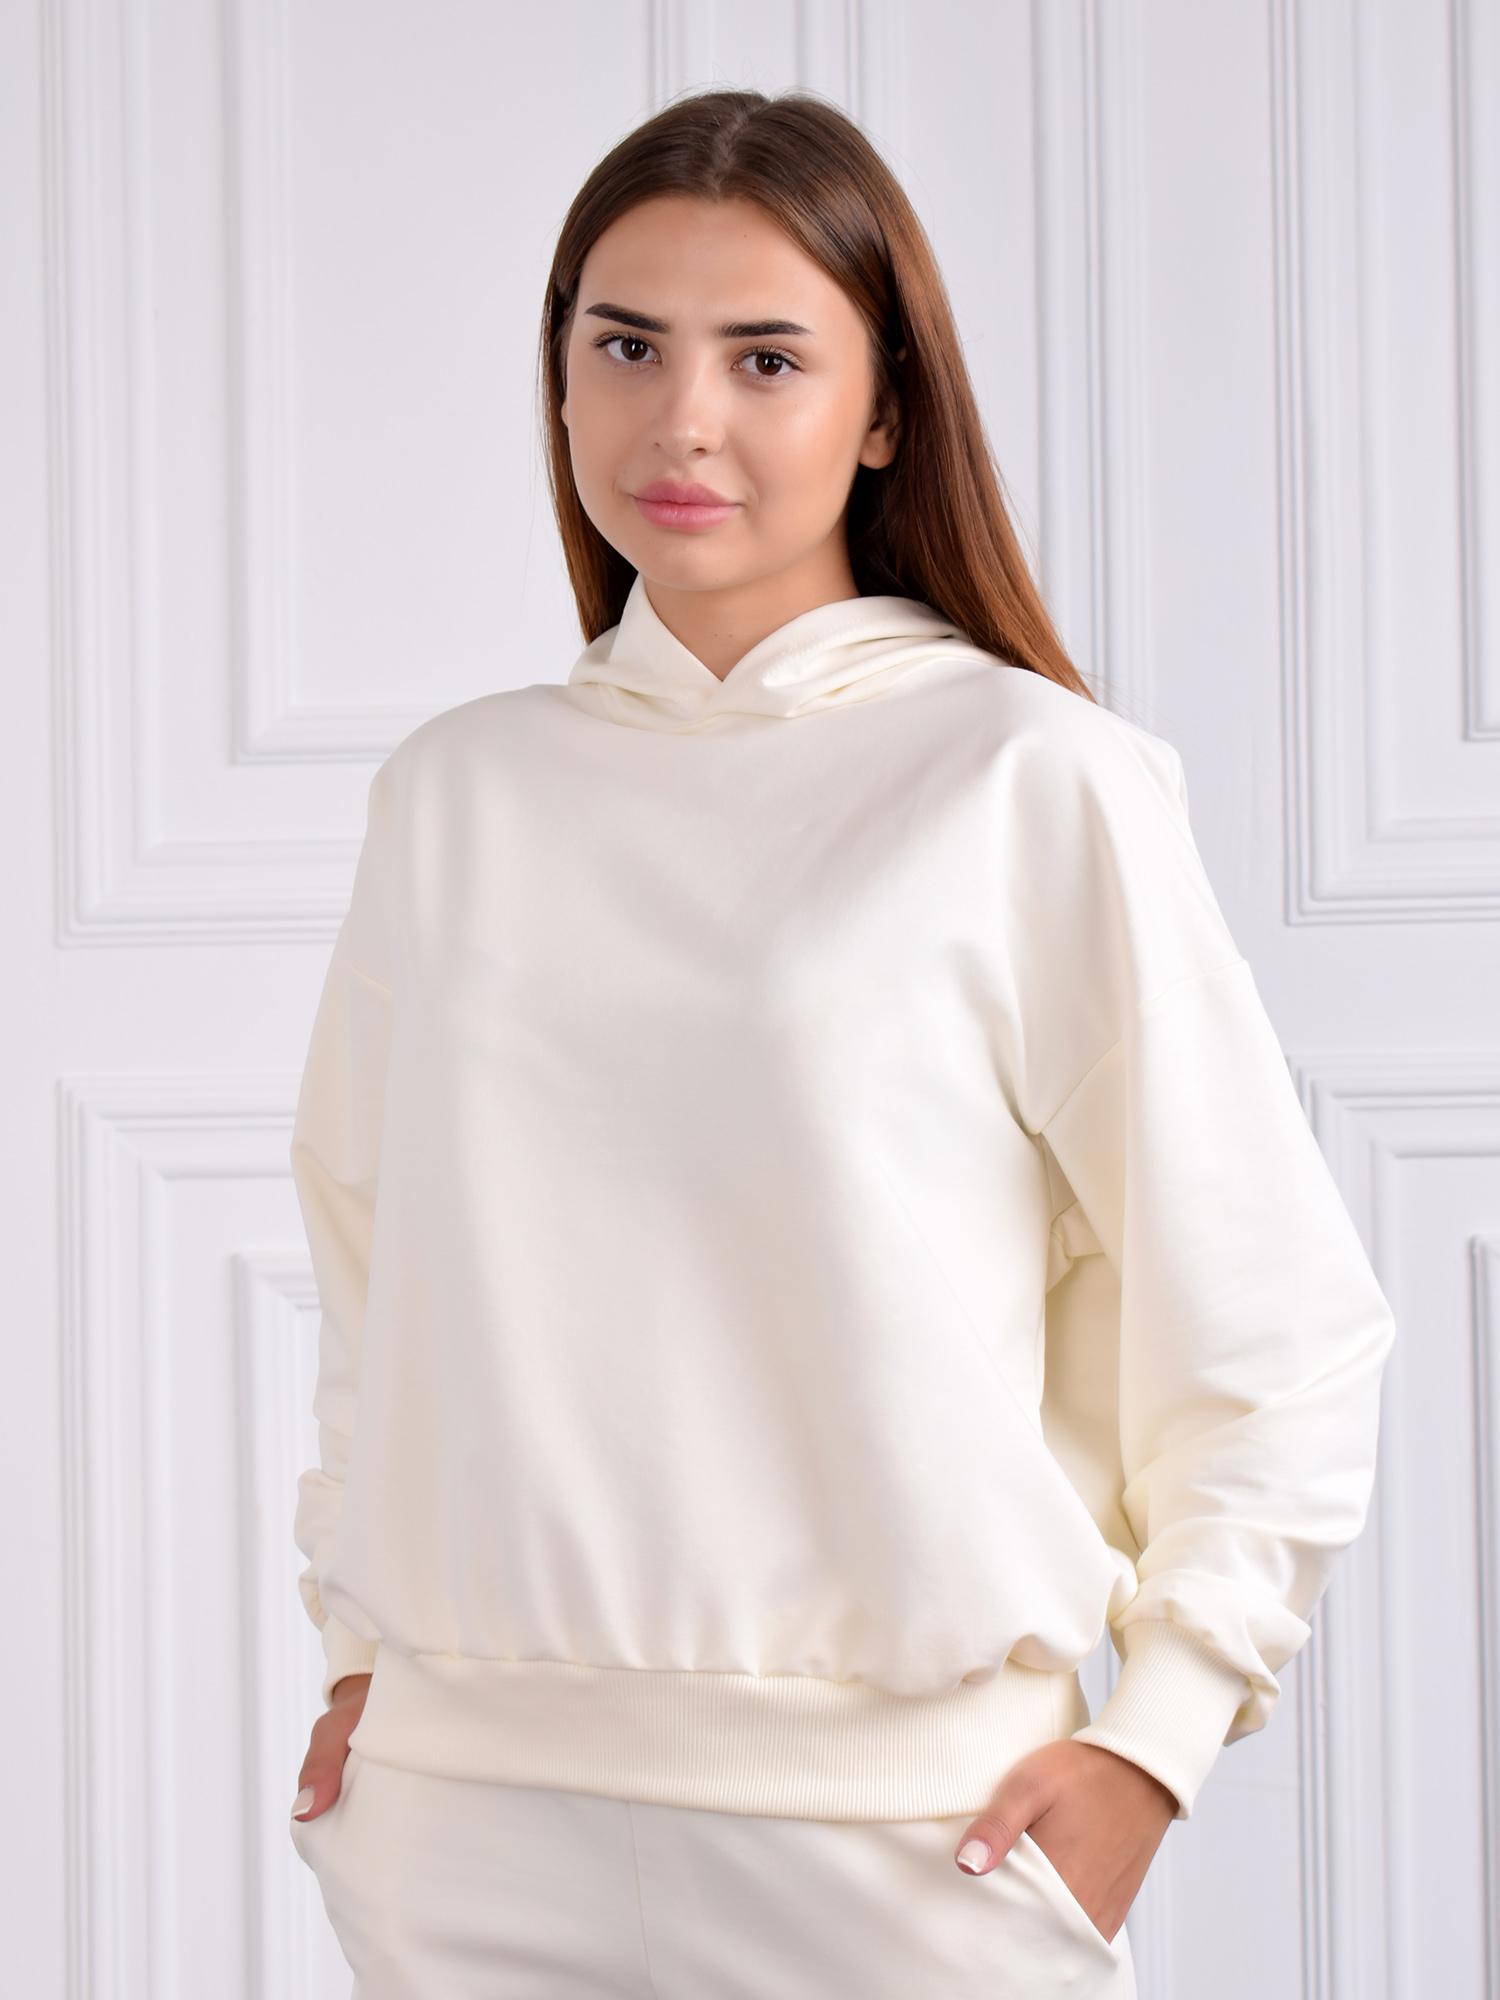 Одежда для дома: толстовка молочного цвета